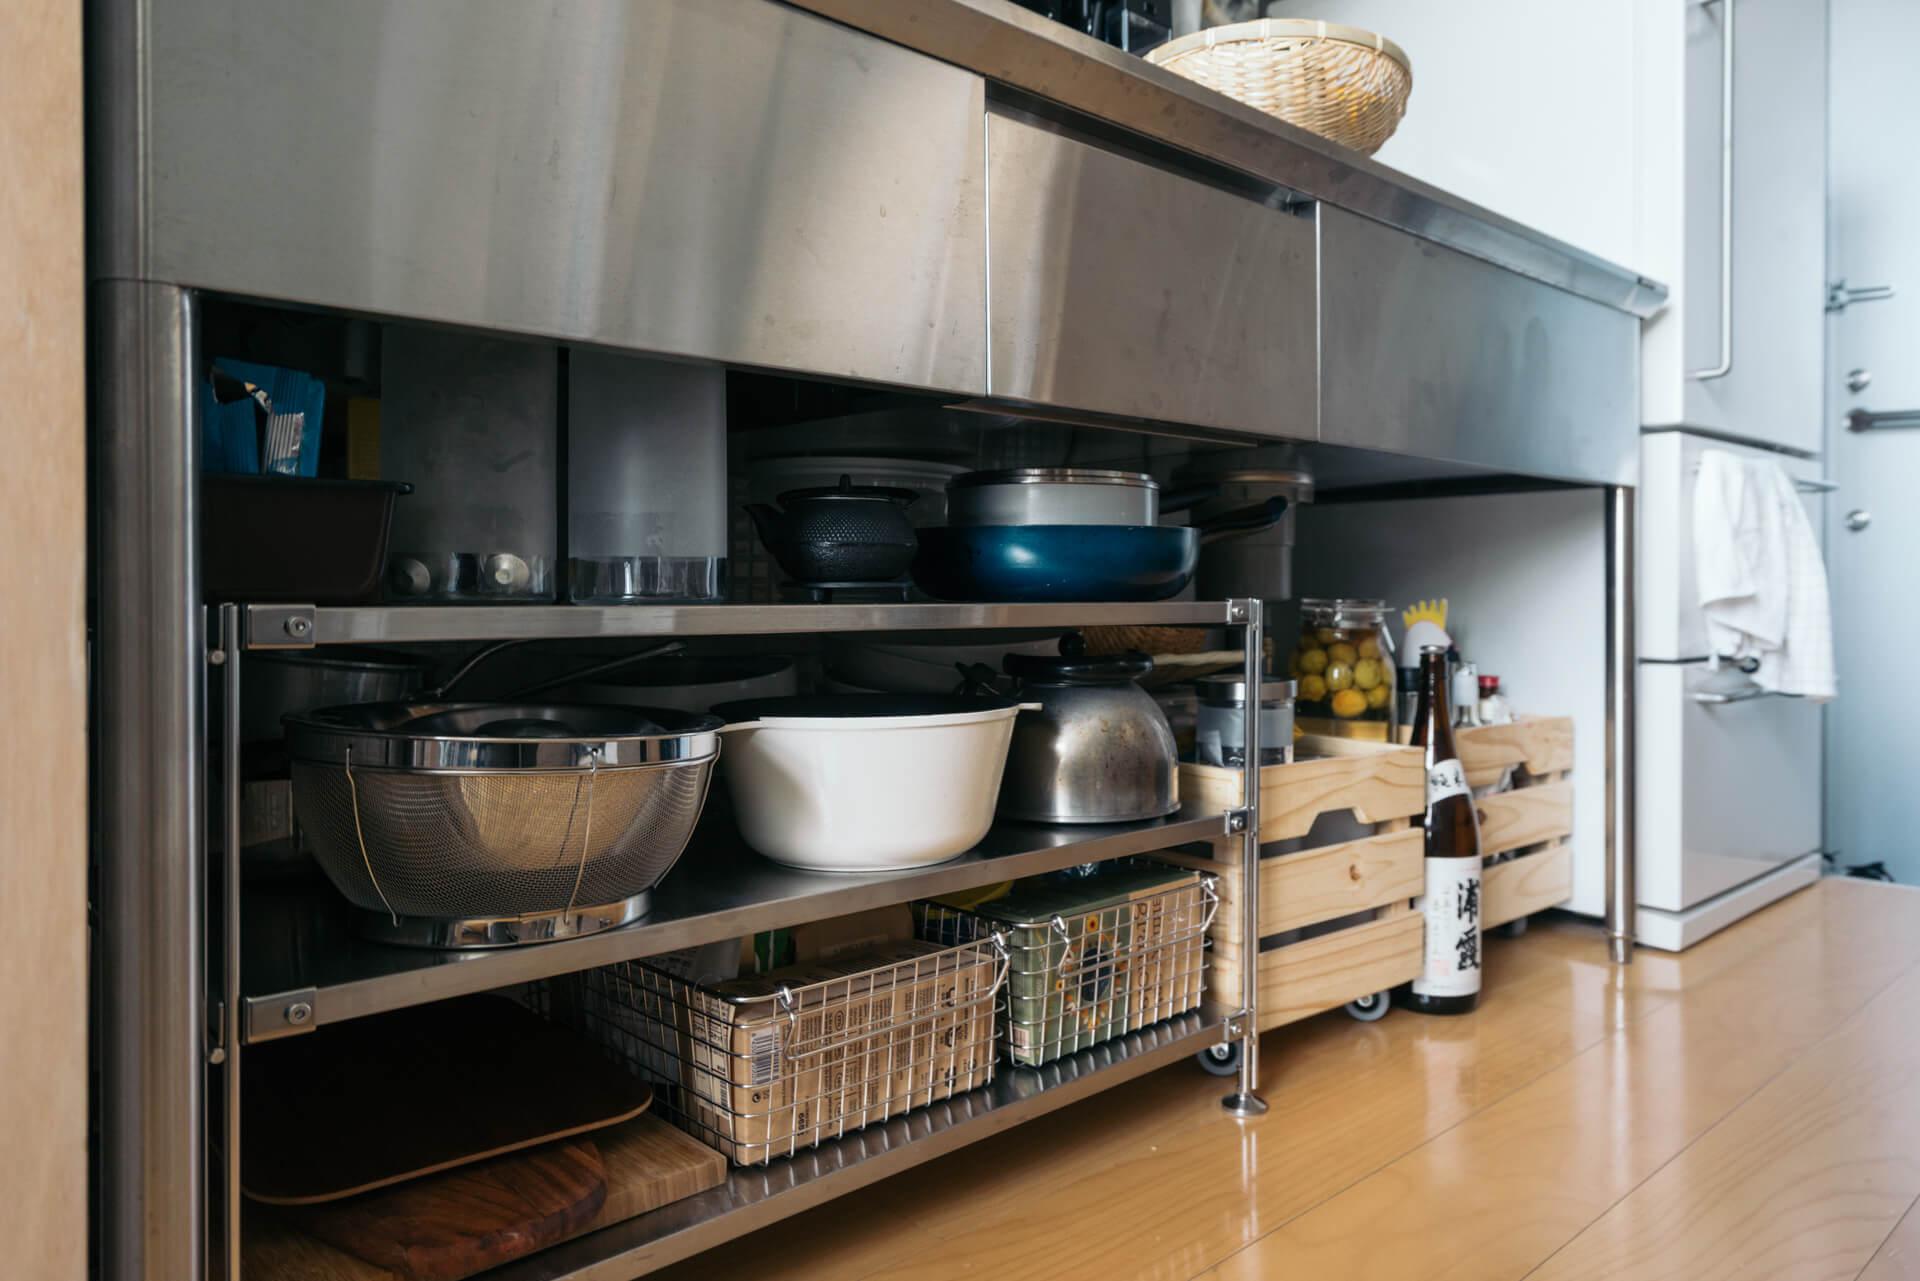 オープンタイプのキッチンのシンク下で活躍。ステンレスはかなり丈夫なので、重い鍋などを置いても安心です。(このお部屋はこちら)